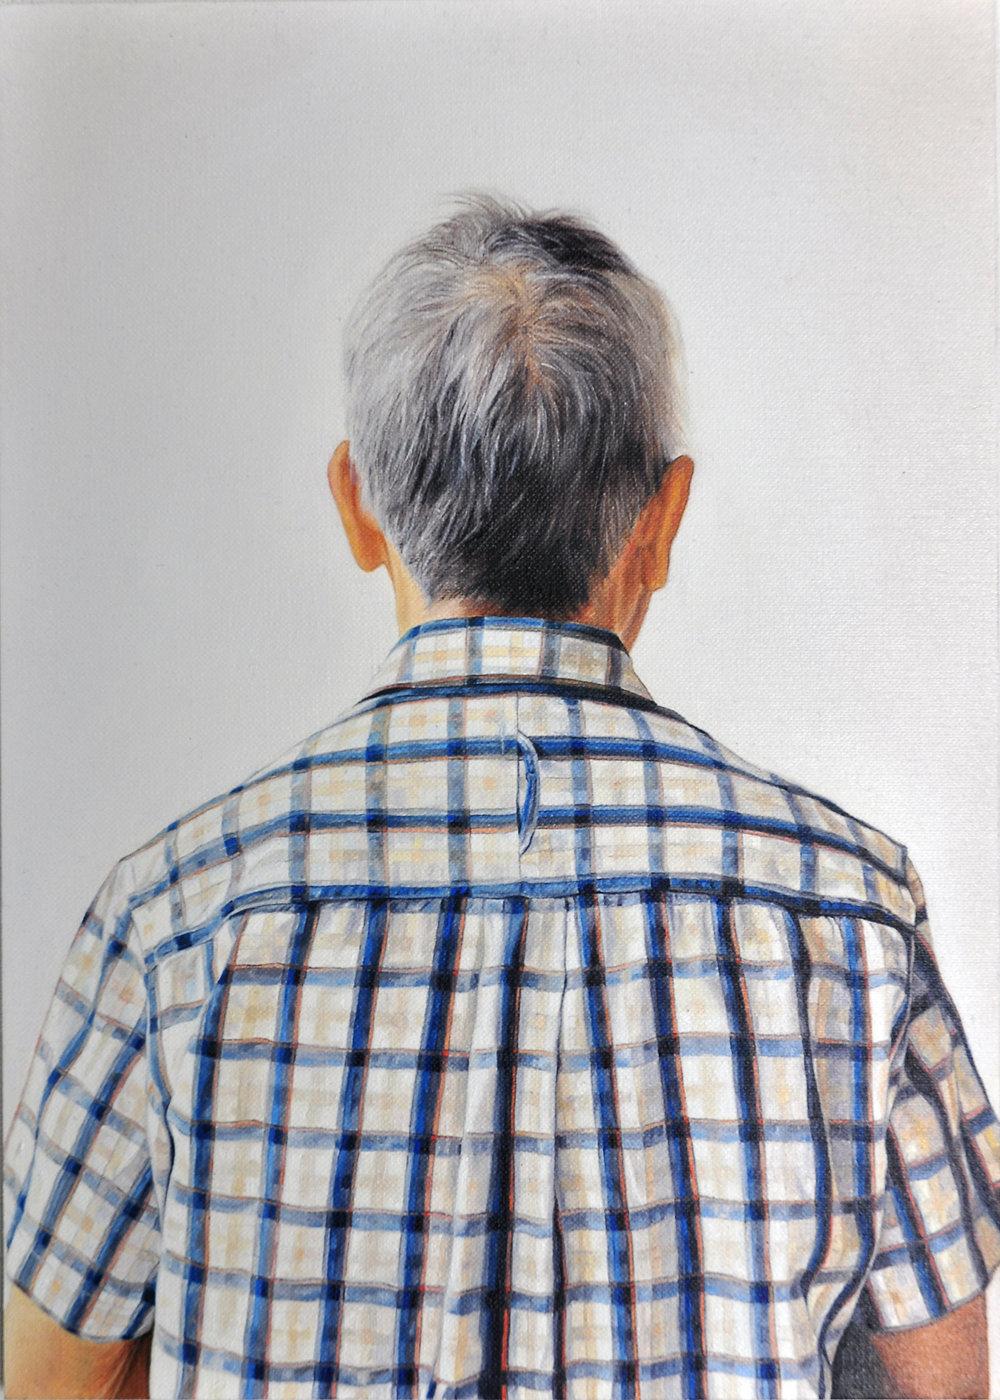 N O N A G A R C I A (1978) Untitled, 2010,óleo sobre lienzo,2 9 , 5 x 2 1 ,cortesía del artista y Asia Art Archive, Hong Kong.